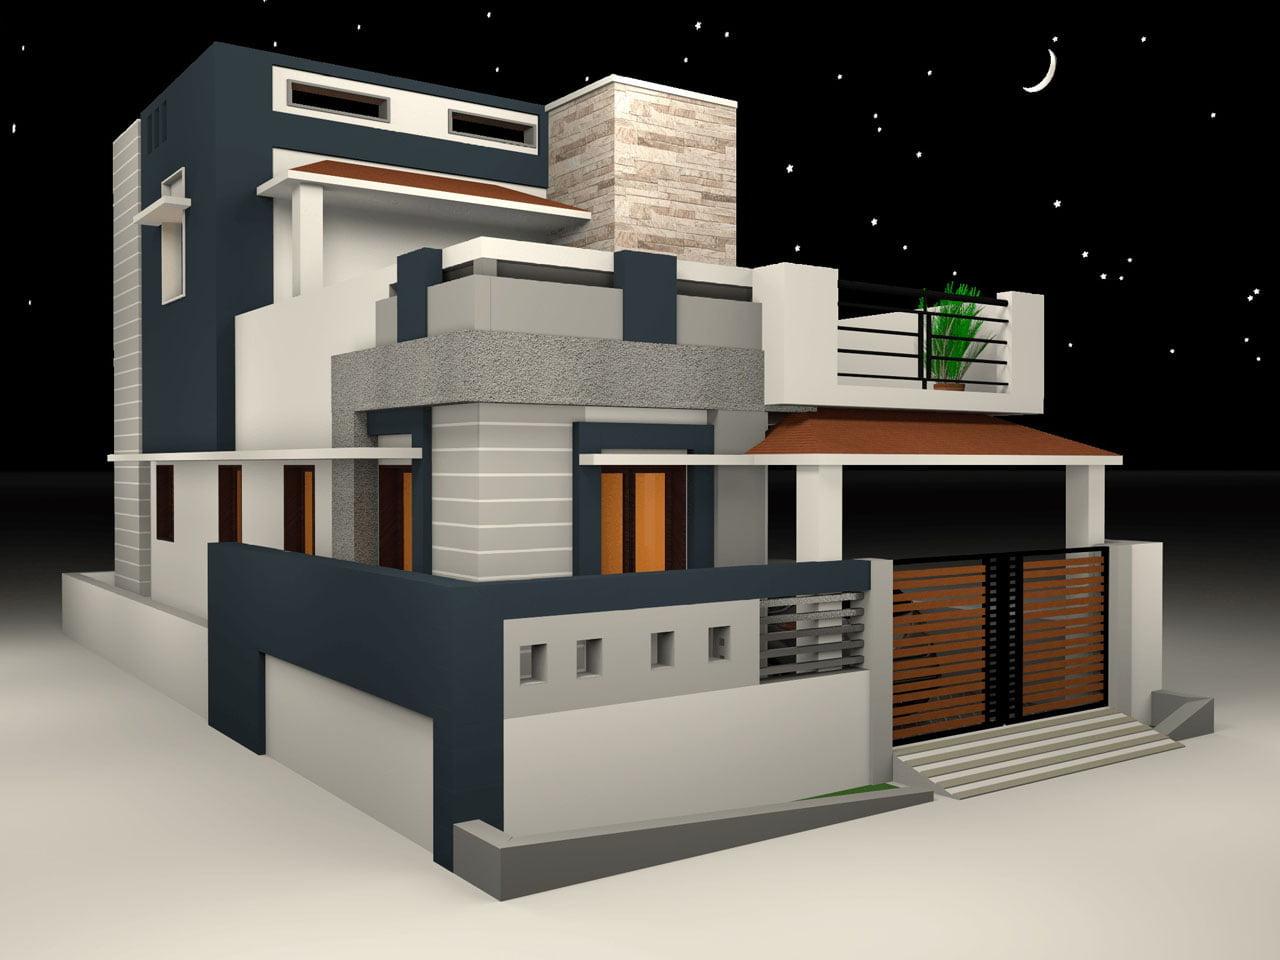 Desain Rumah Minimalis & Desain Rumah Minimalis \u2022 Home Design Software Gratis Terbaik